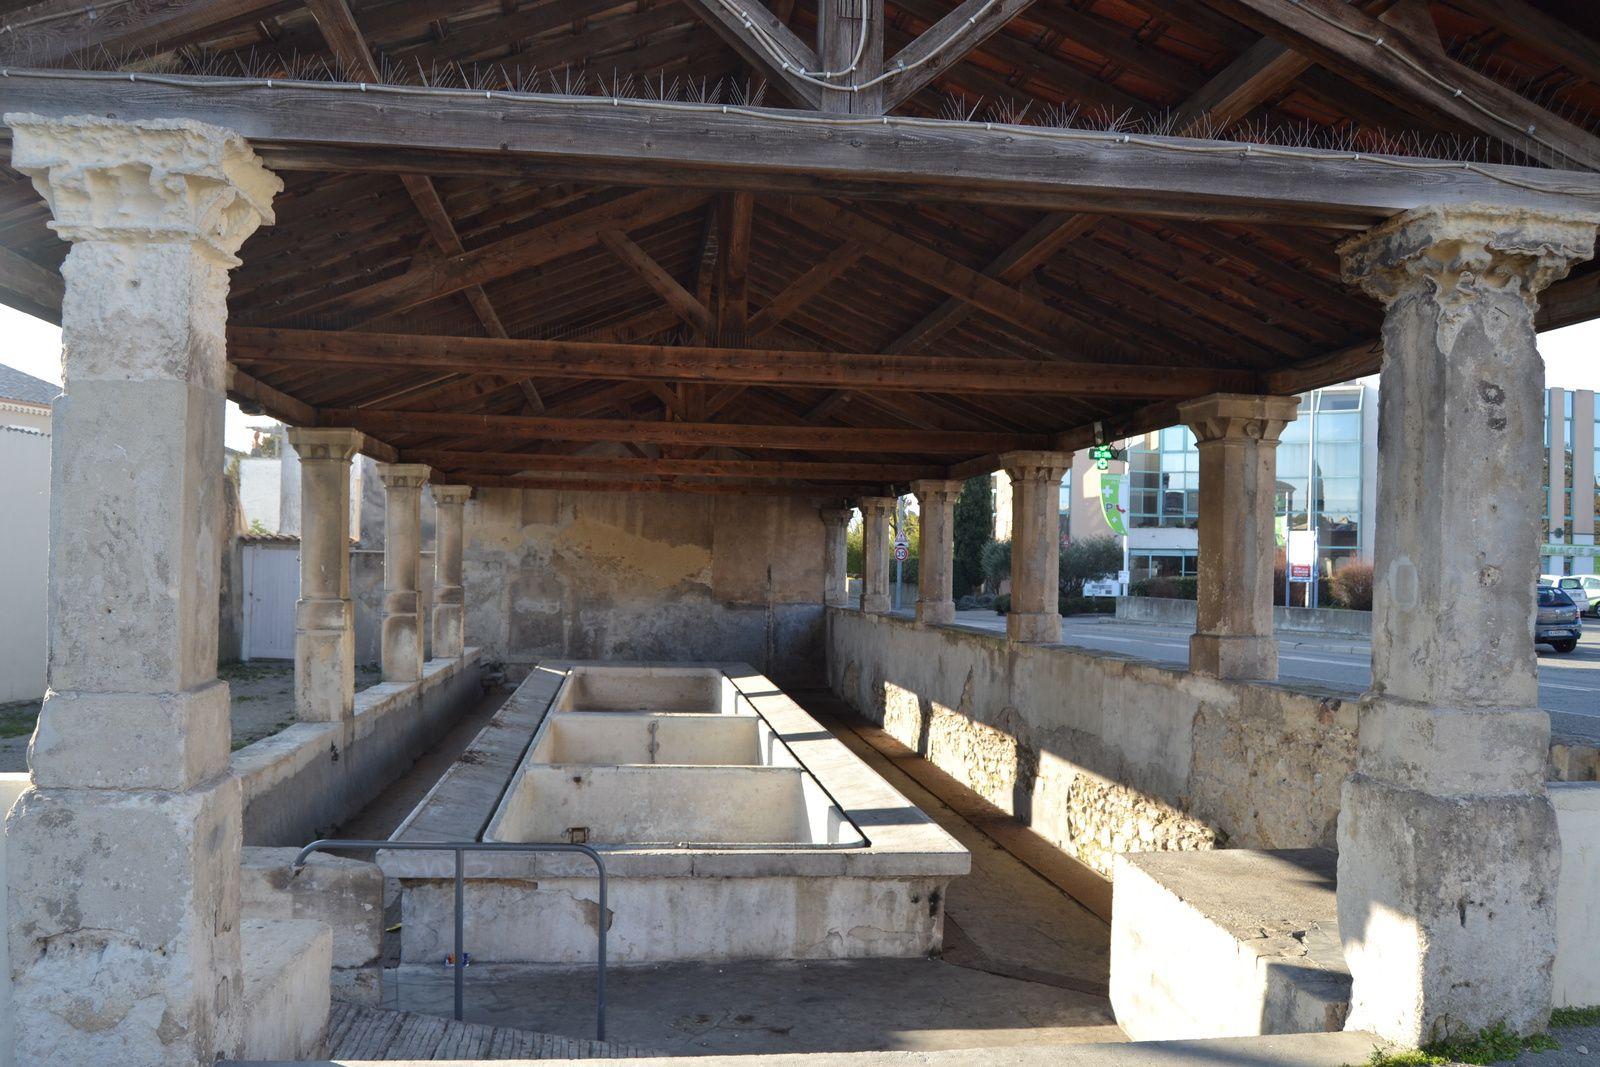 Seul subsiste aujourd'hui le plus grand des trois situé le long de la route de Bourg-Saint-Andéol. On ne connaît pas l'antériorité exacte d'un lavoir en cet endroit, probablement vers 1780. En 1691, elle est encore la seule fontaine publique de la cité.